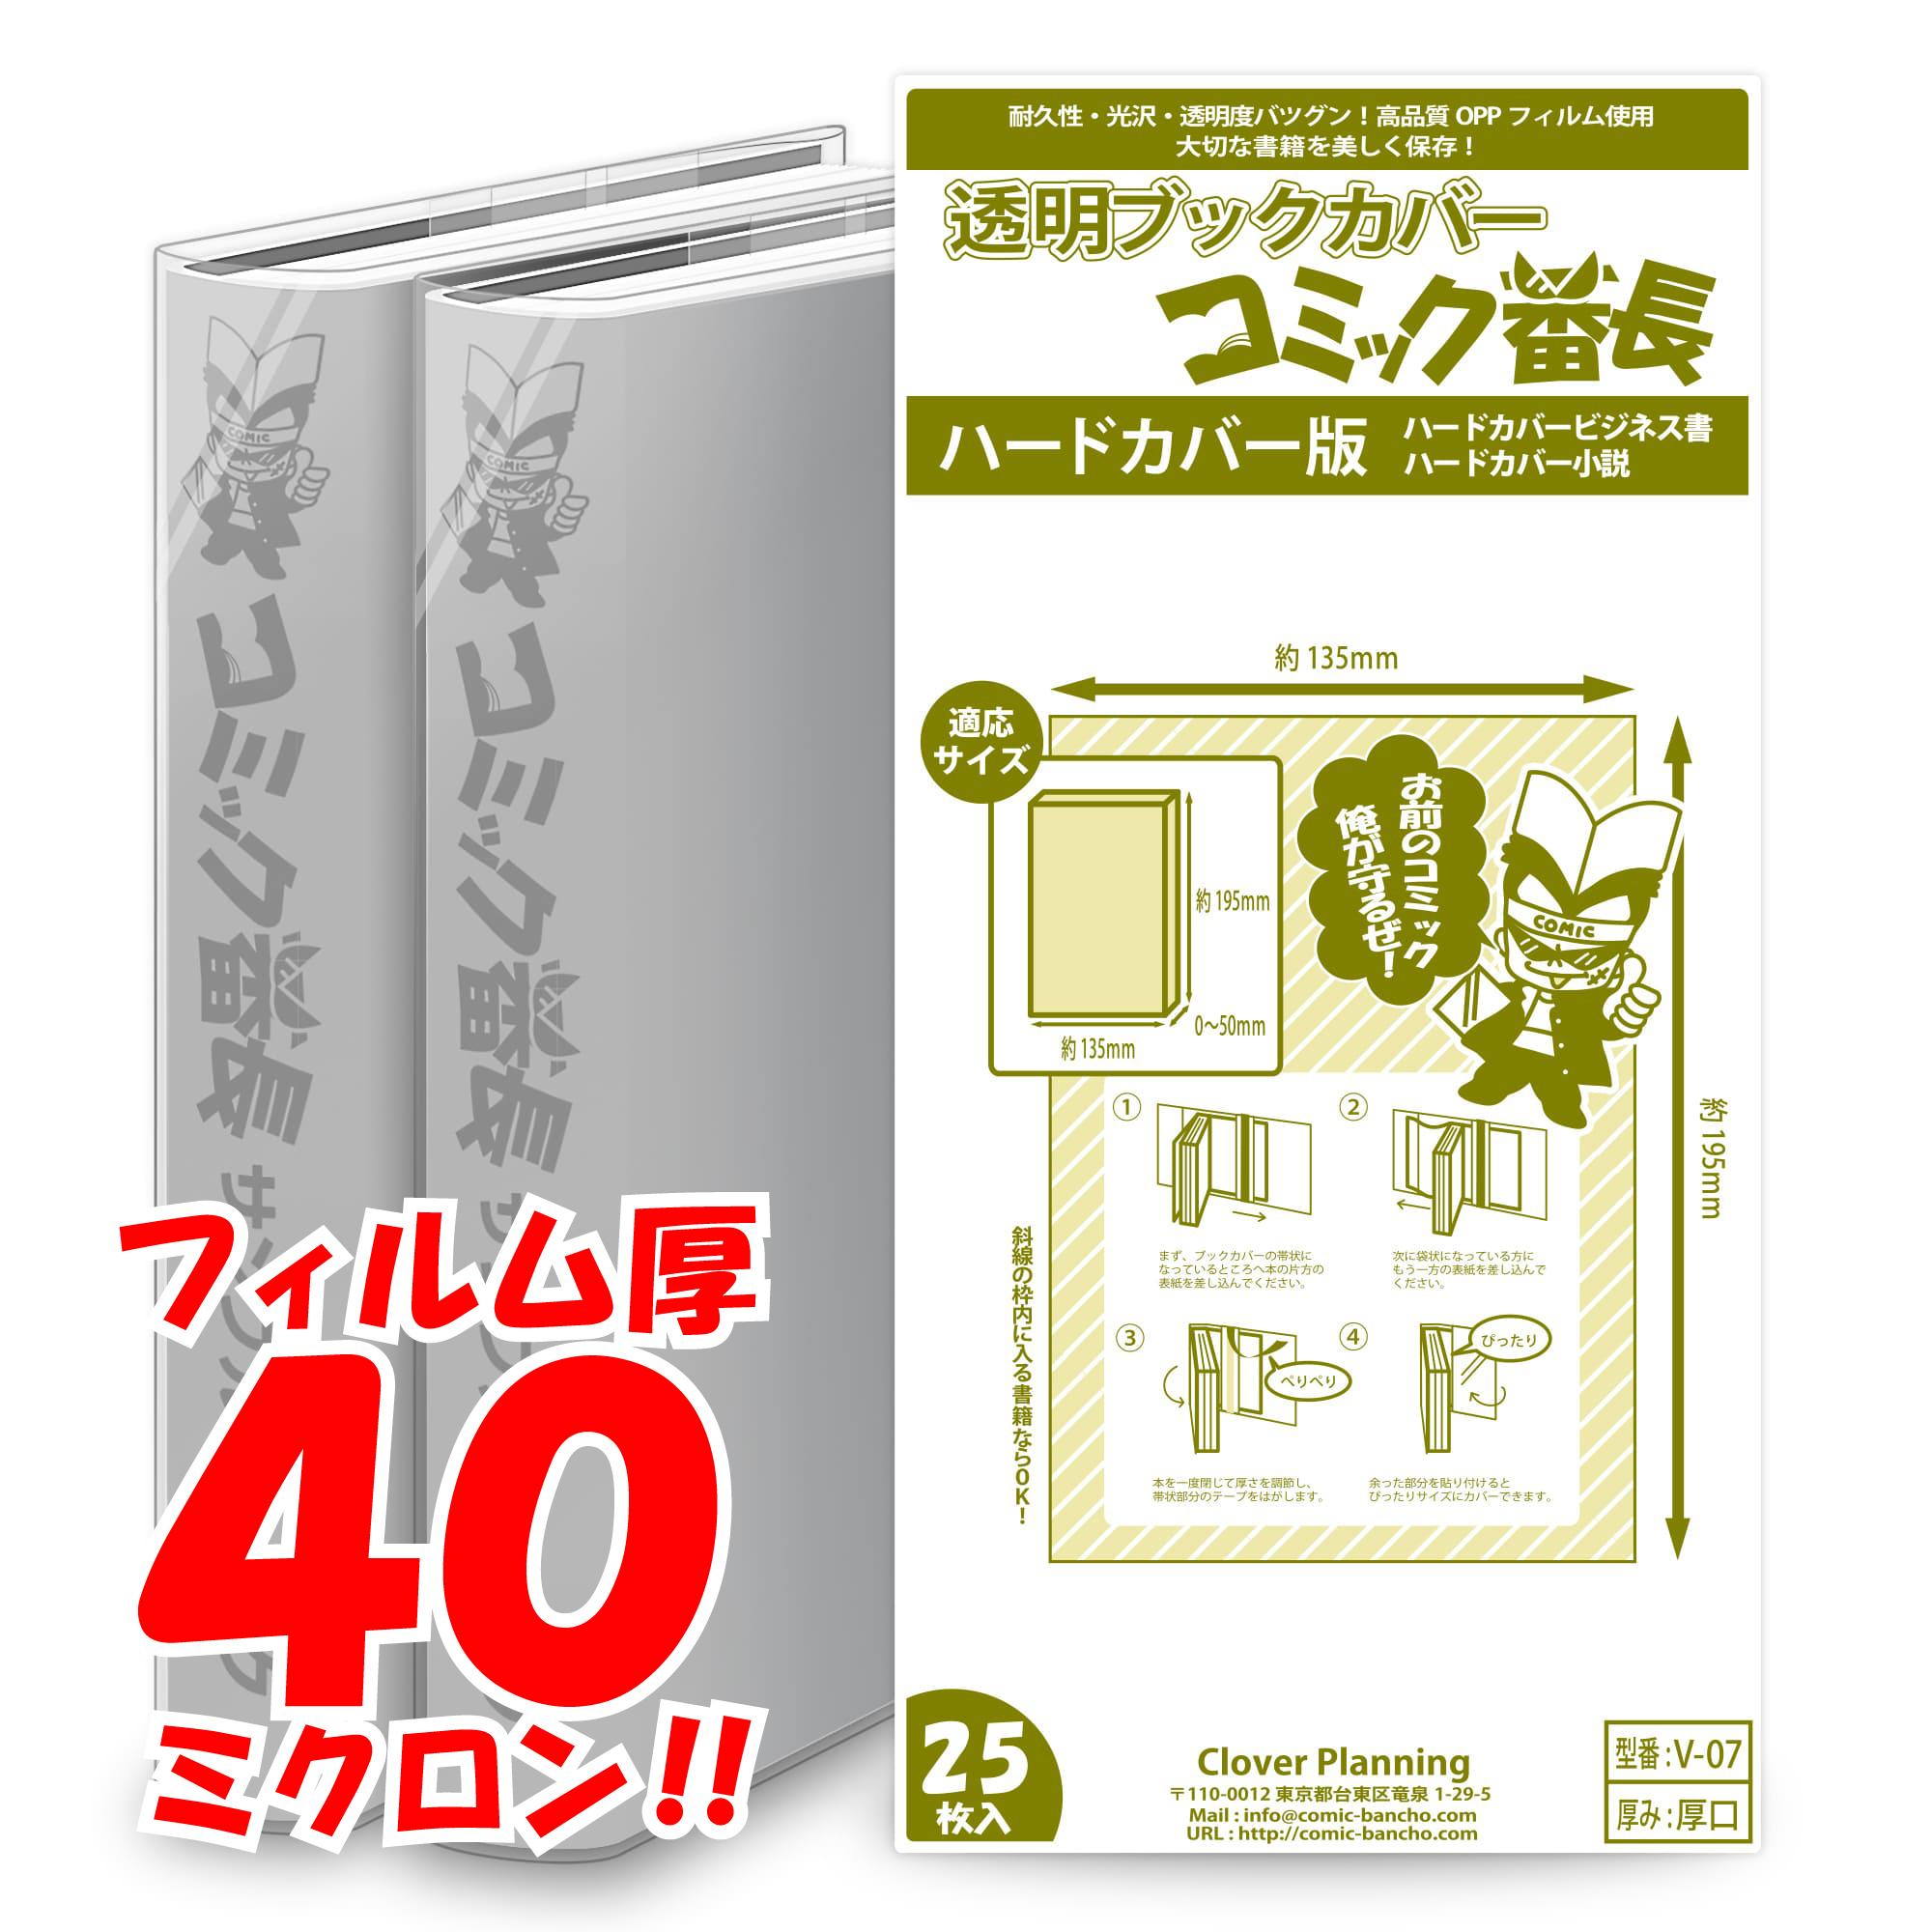 オンラインショップ 年中無休 365日毎日発送 透明 ブックカバー セットアップ コミック番長 ハードカバー版 厚口 ハードカバー判 コミックカバー 25枚